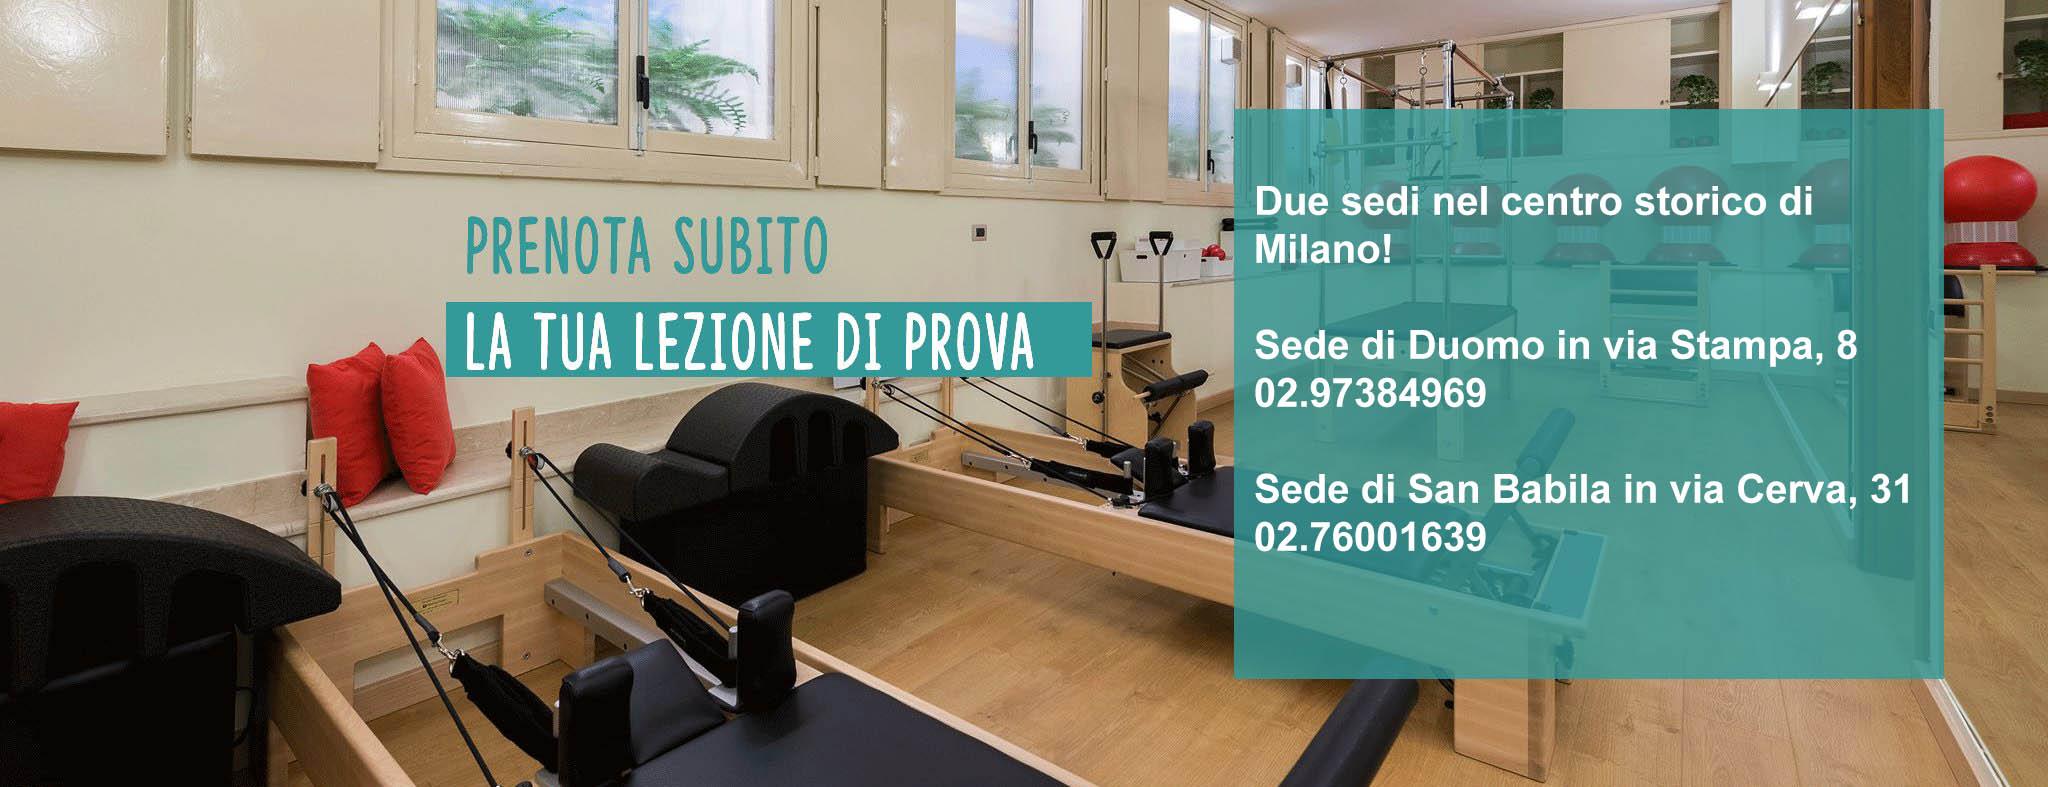 Pilates Post Parto De Angeli Milano - Prenota subito la tua lezione di prova